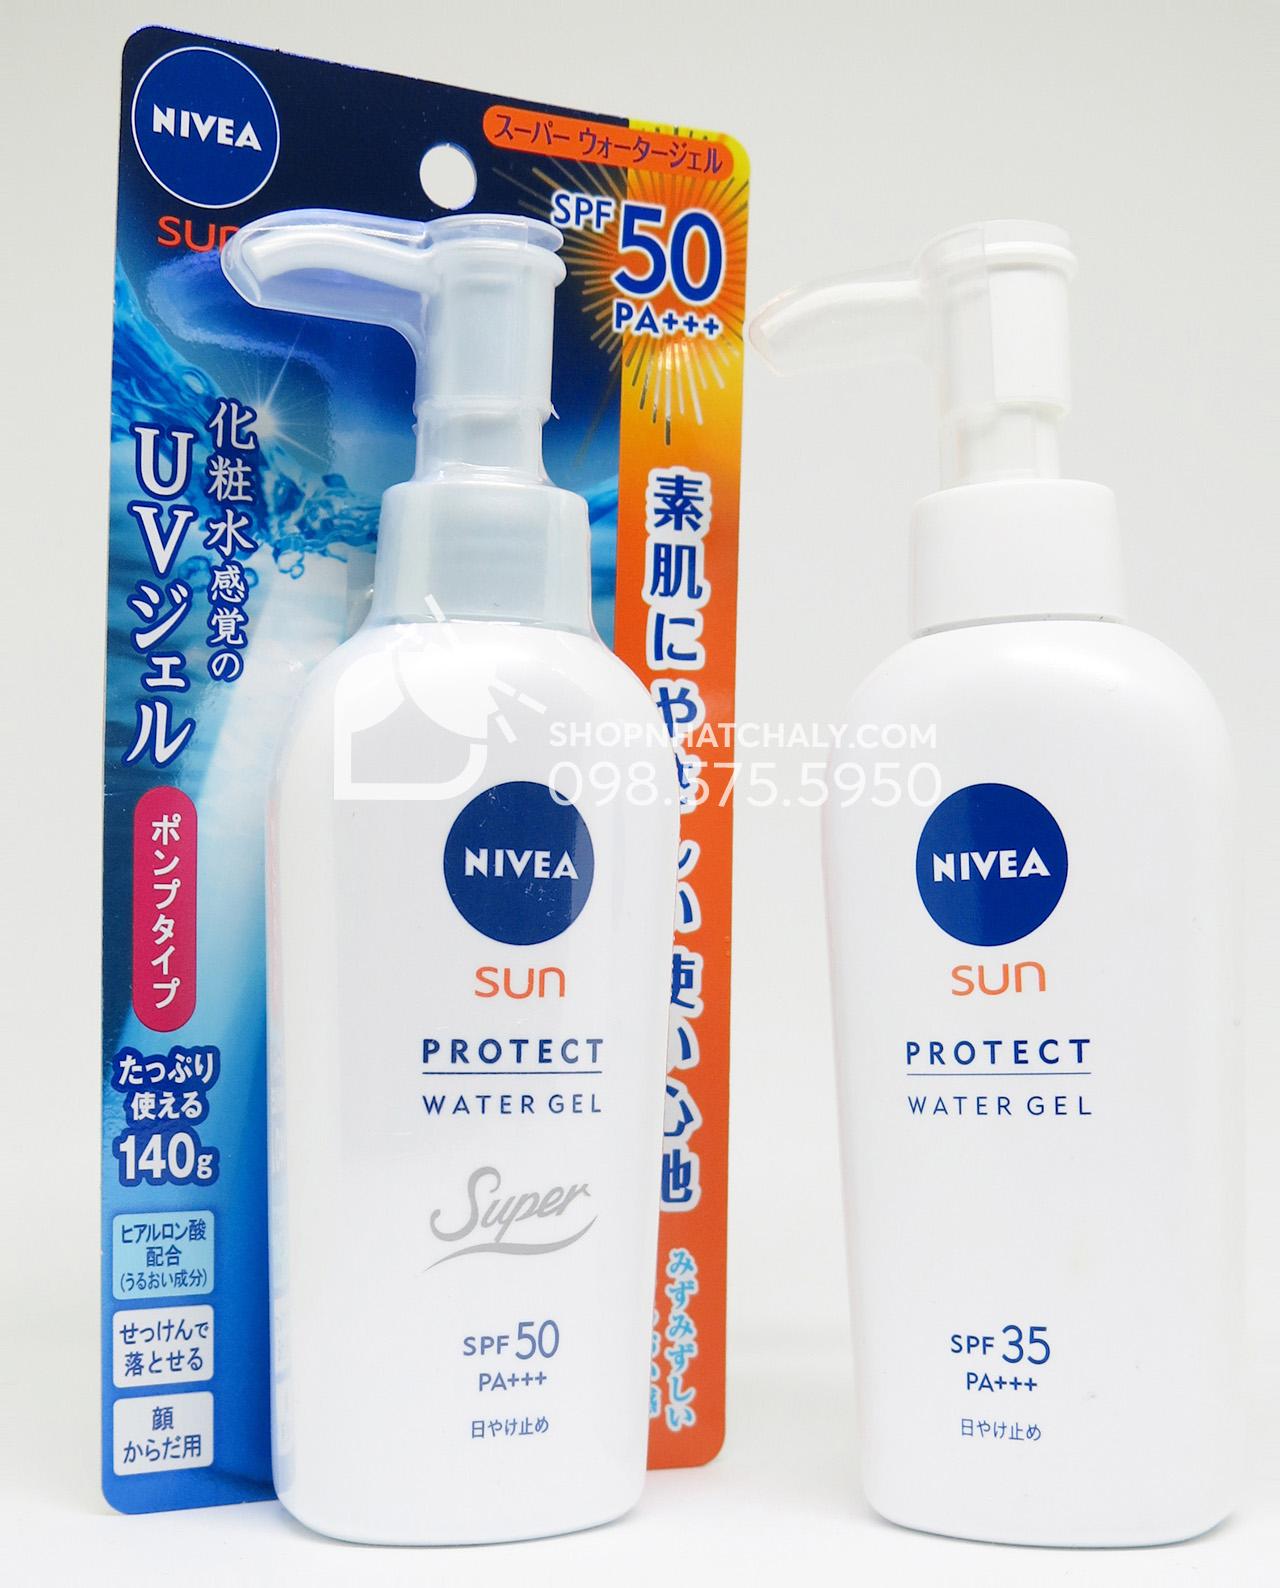 Kem chống nắng dưỡng da toàn thân Nivea Nhật Sun Protect Water Gel 140gr SPF 35 - SPF 50